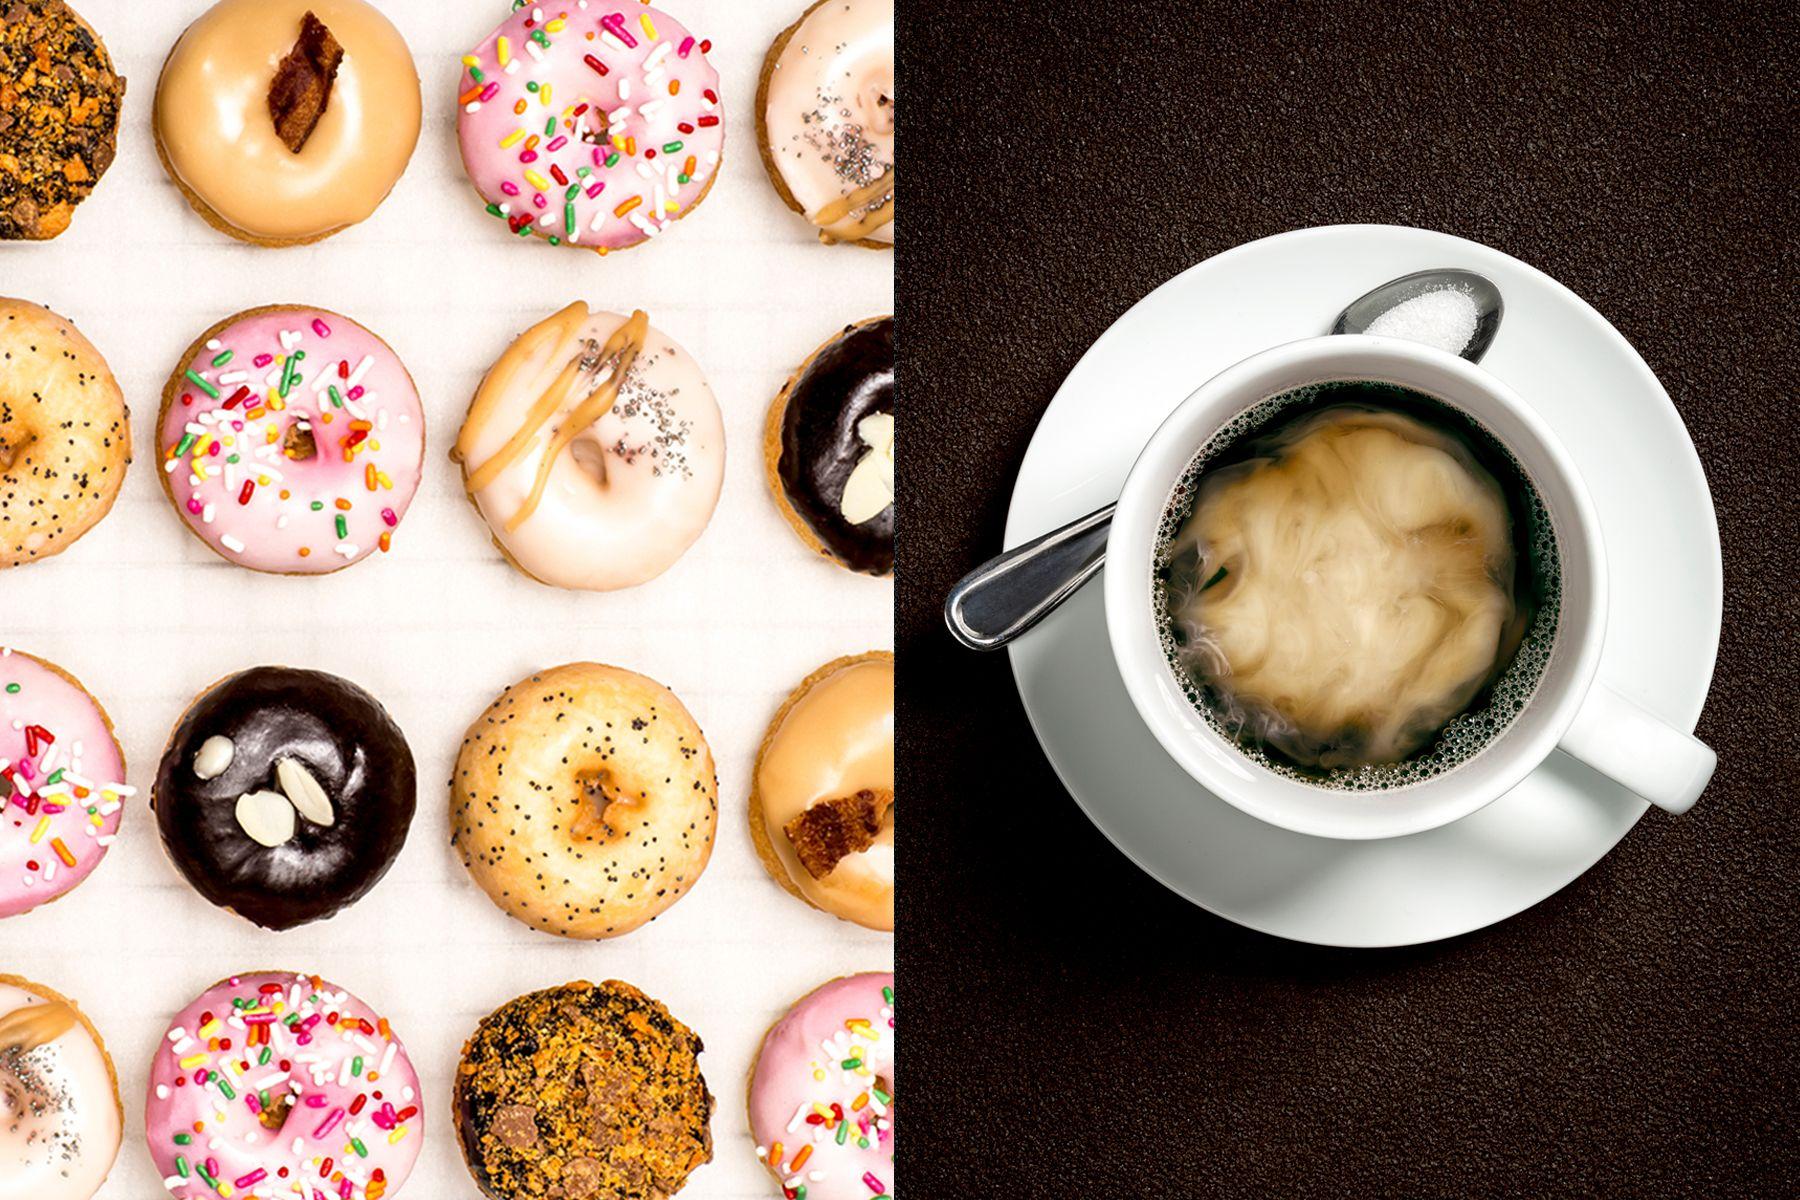 donutscoffee2.jpg